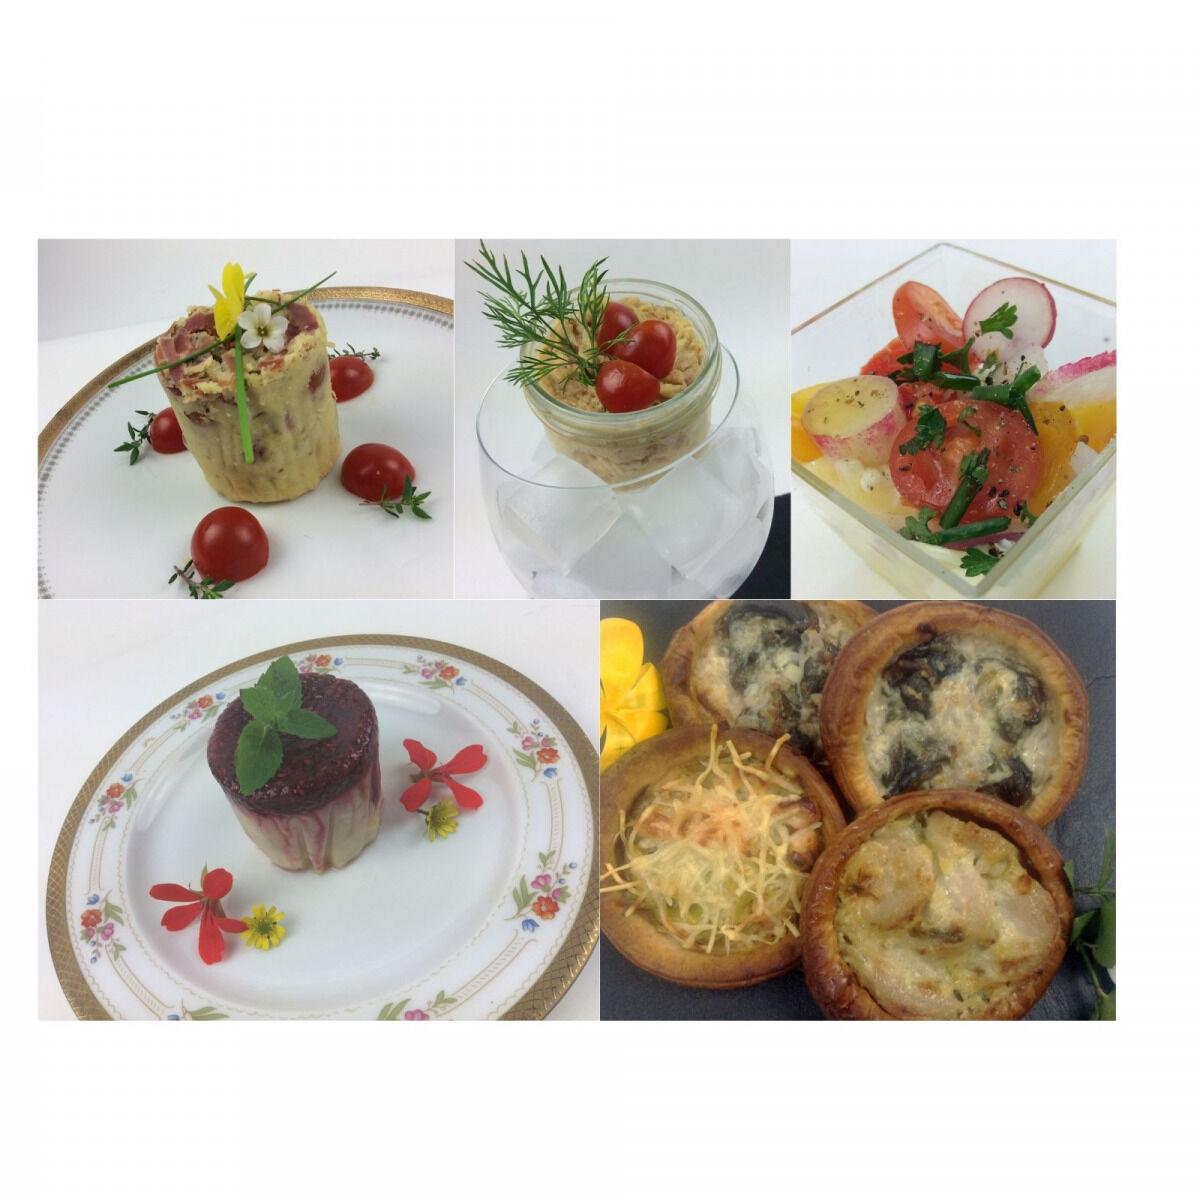 Christian Piot - Votre chef en ligne Panier repas végétarien «menu tout tomate» 5 créations pour 2 personnes.